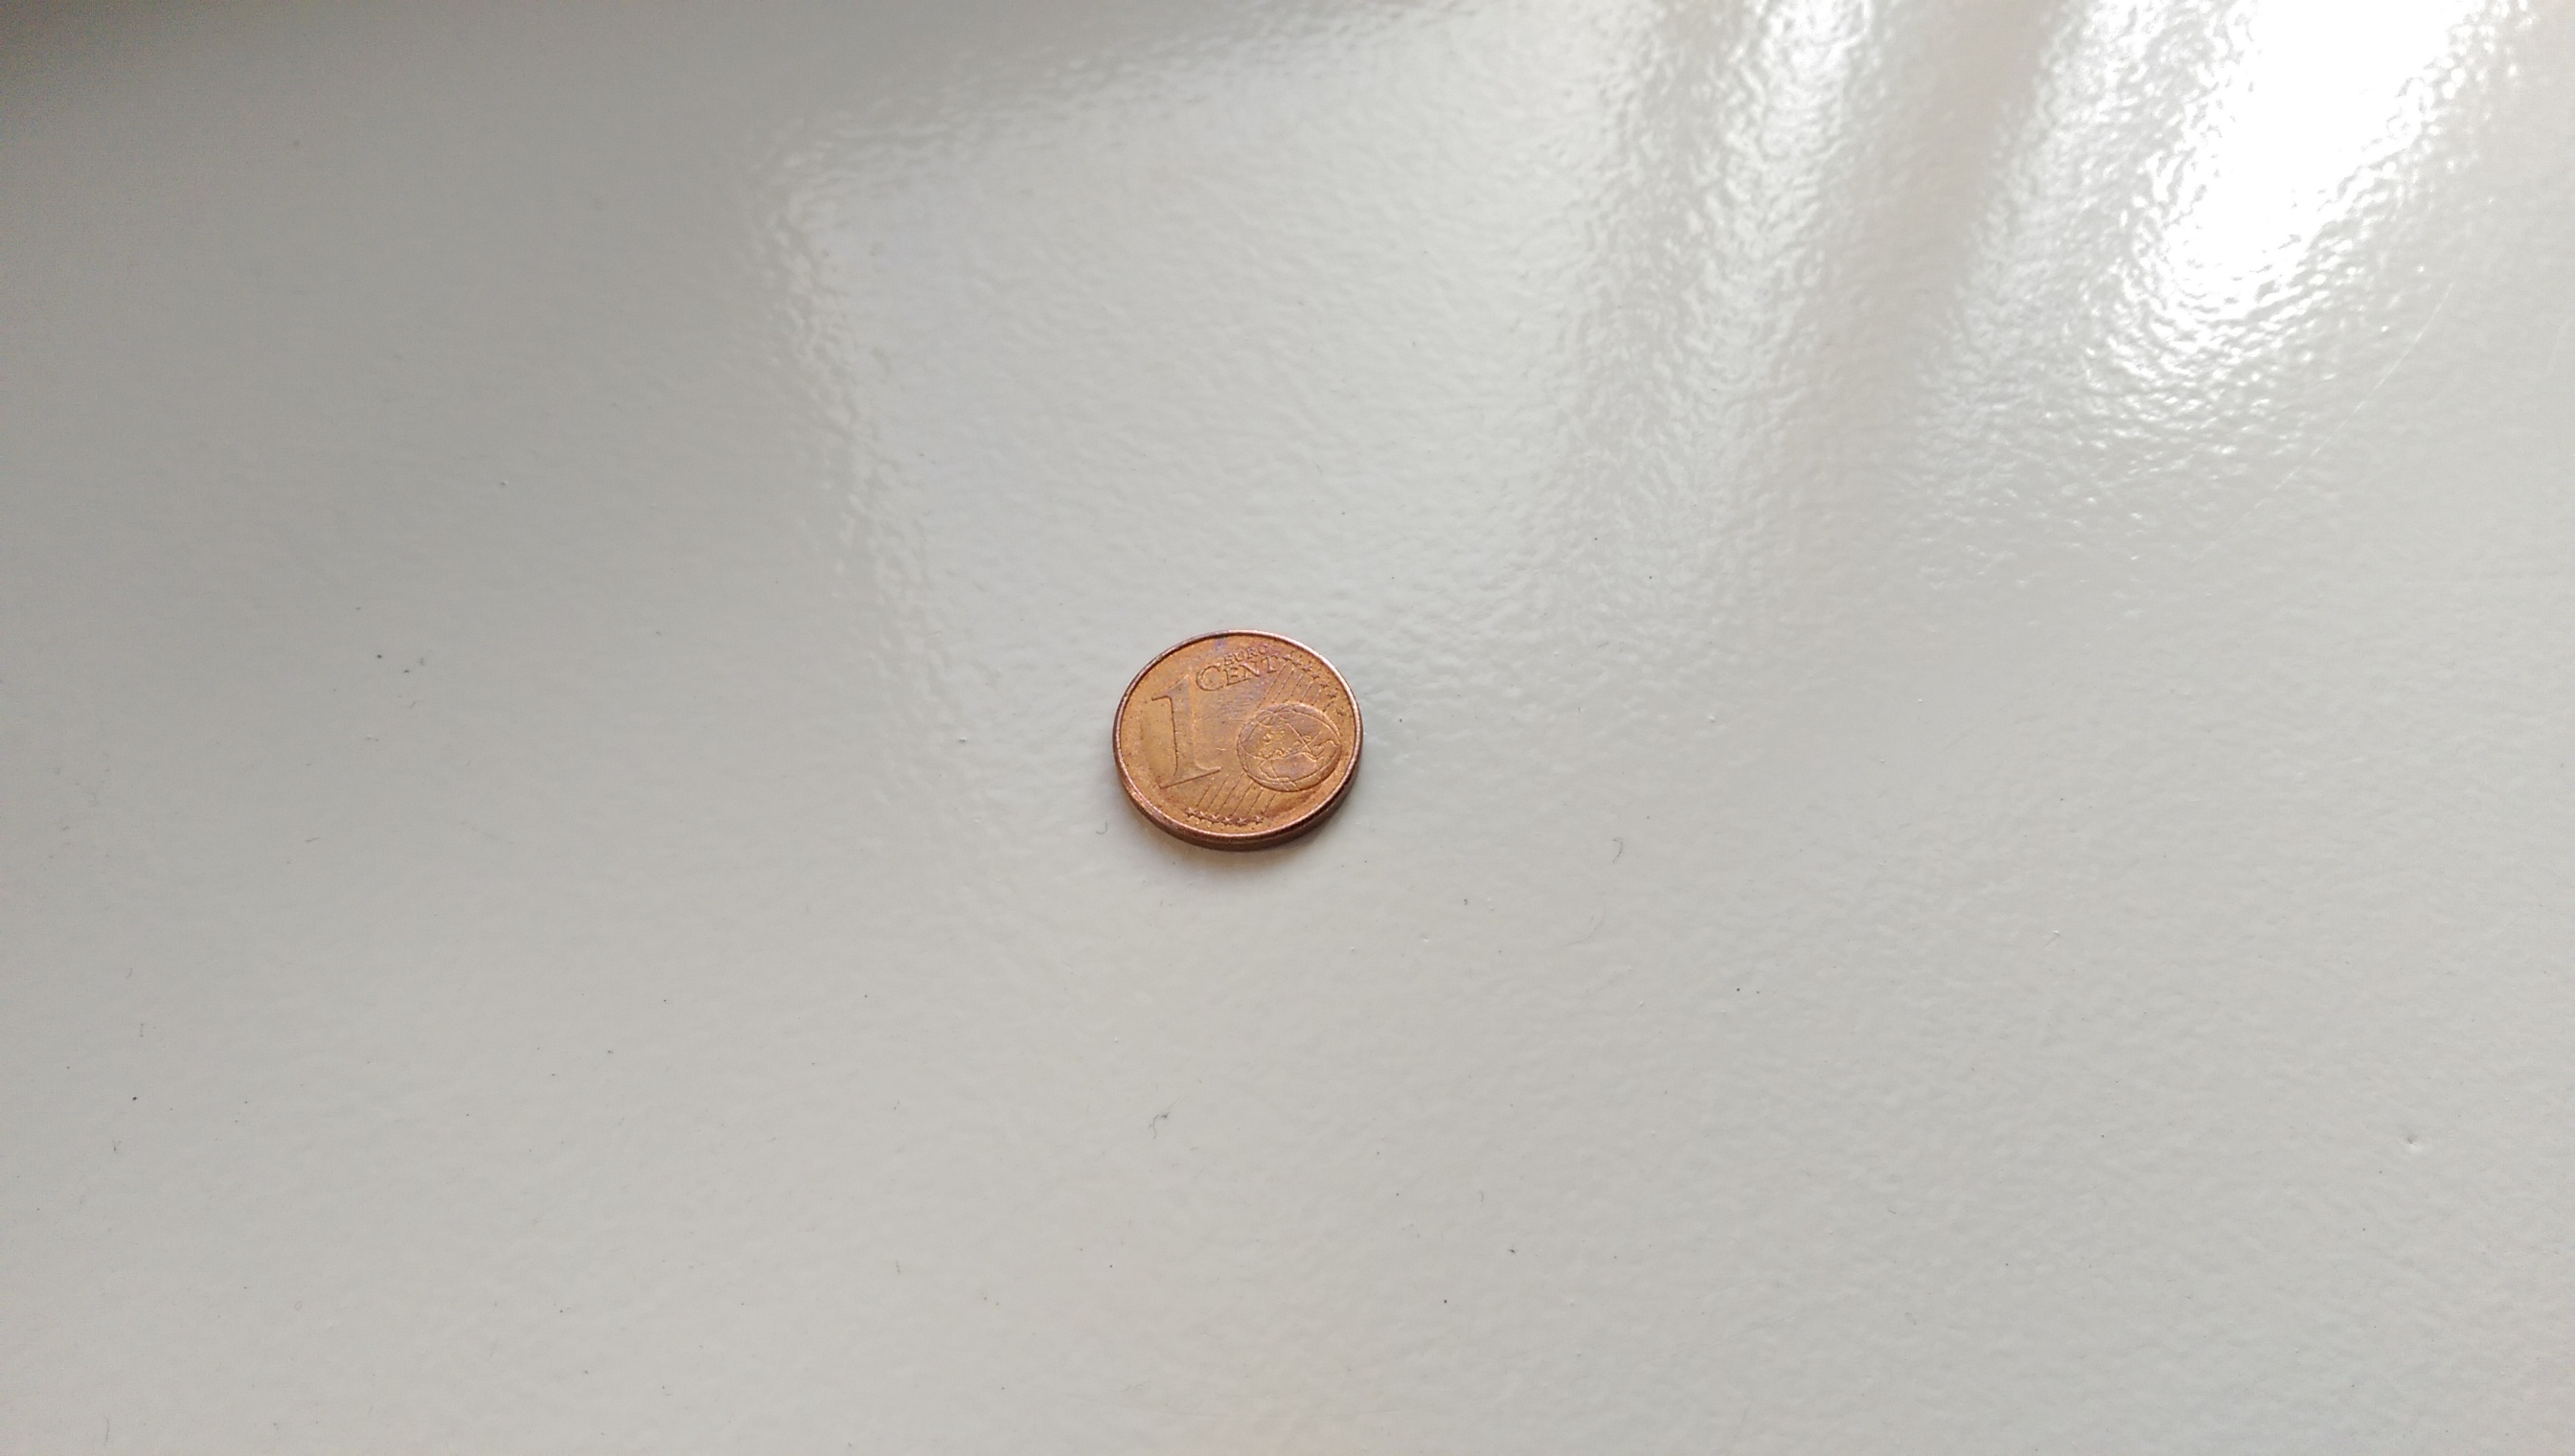 Kleinigkeiten - Wer den Cent nicht ehrt